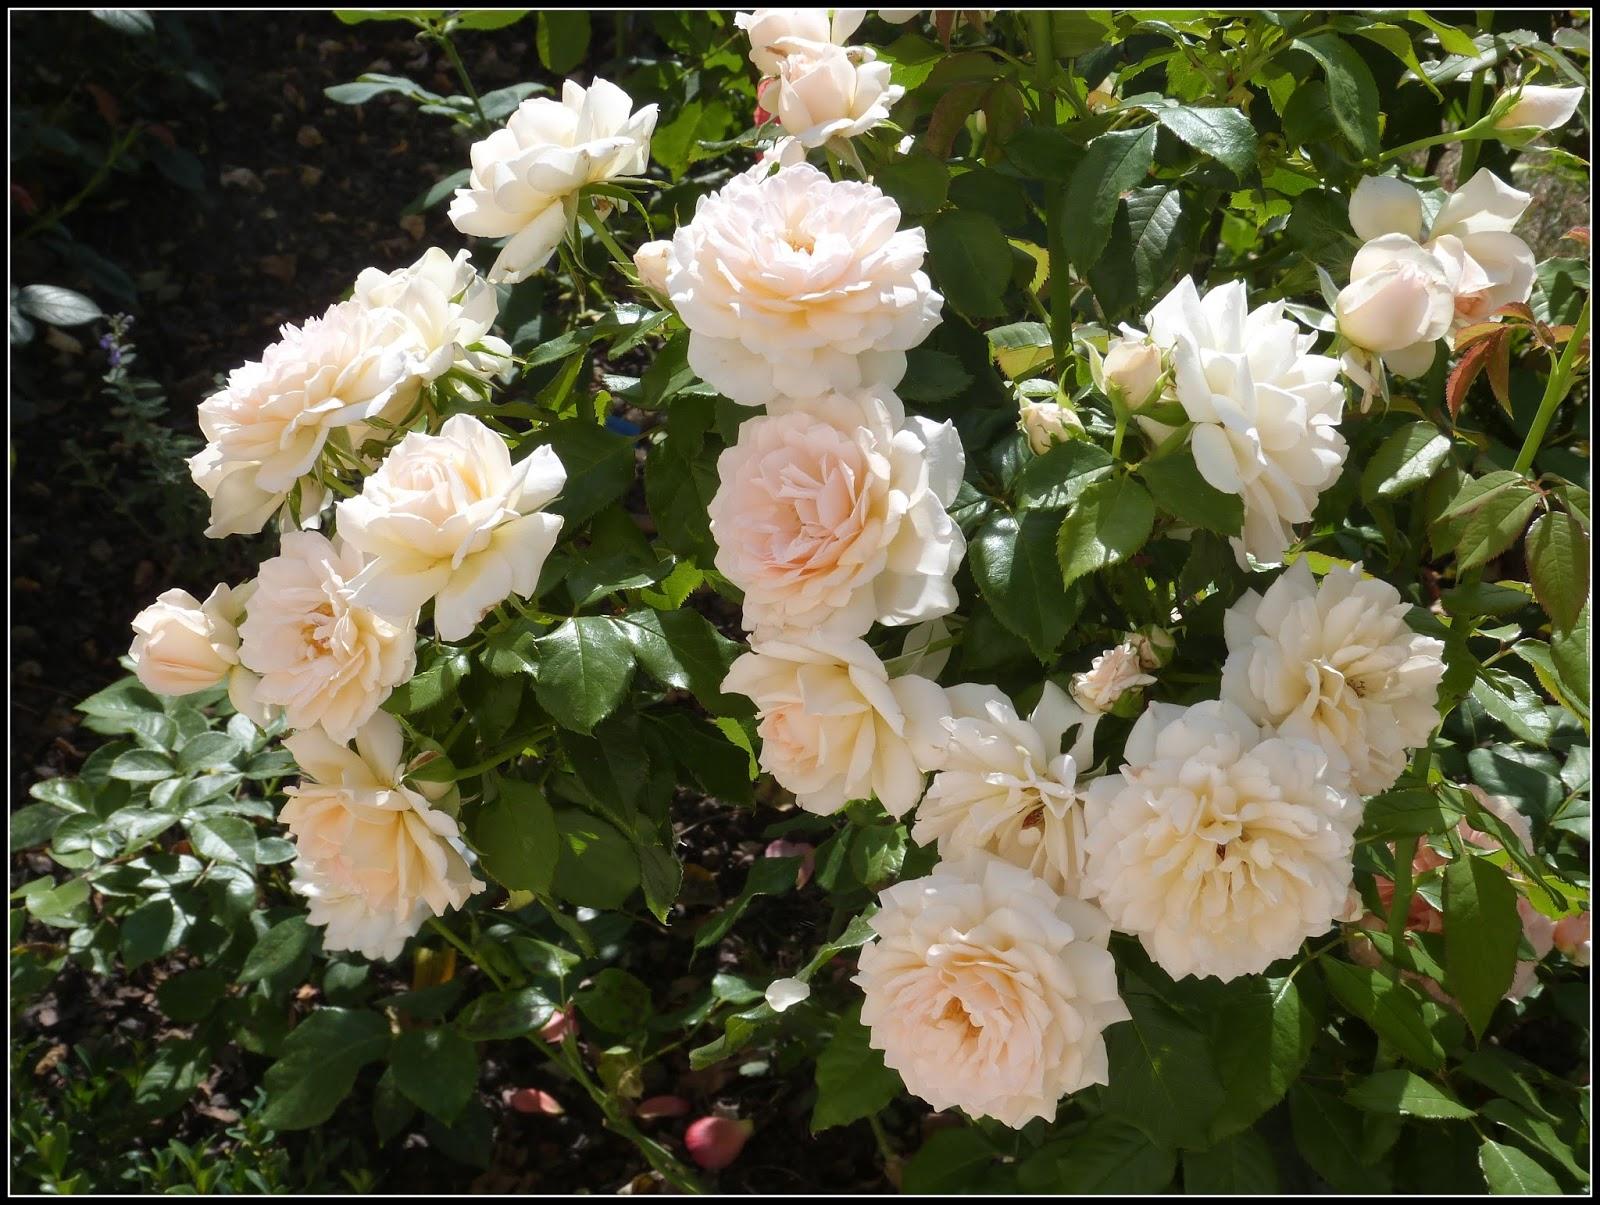 Un jardin des fleurs explosion de roses - Comment couper un rosier ...